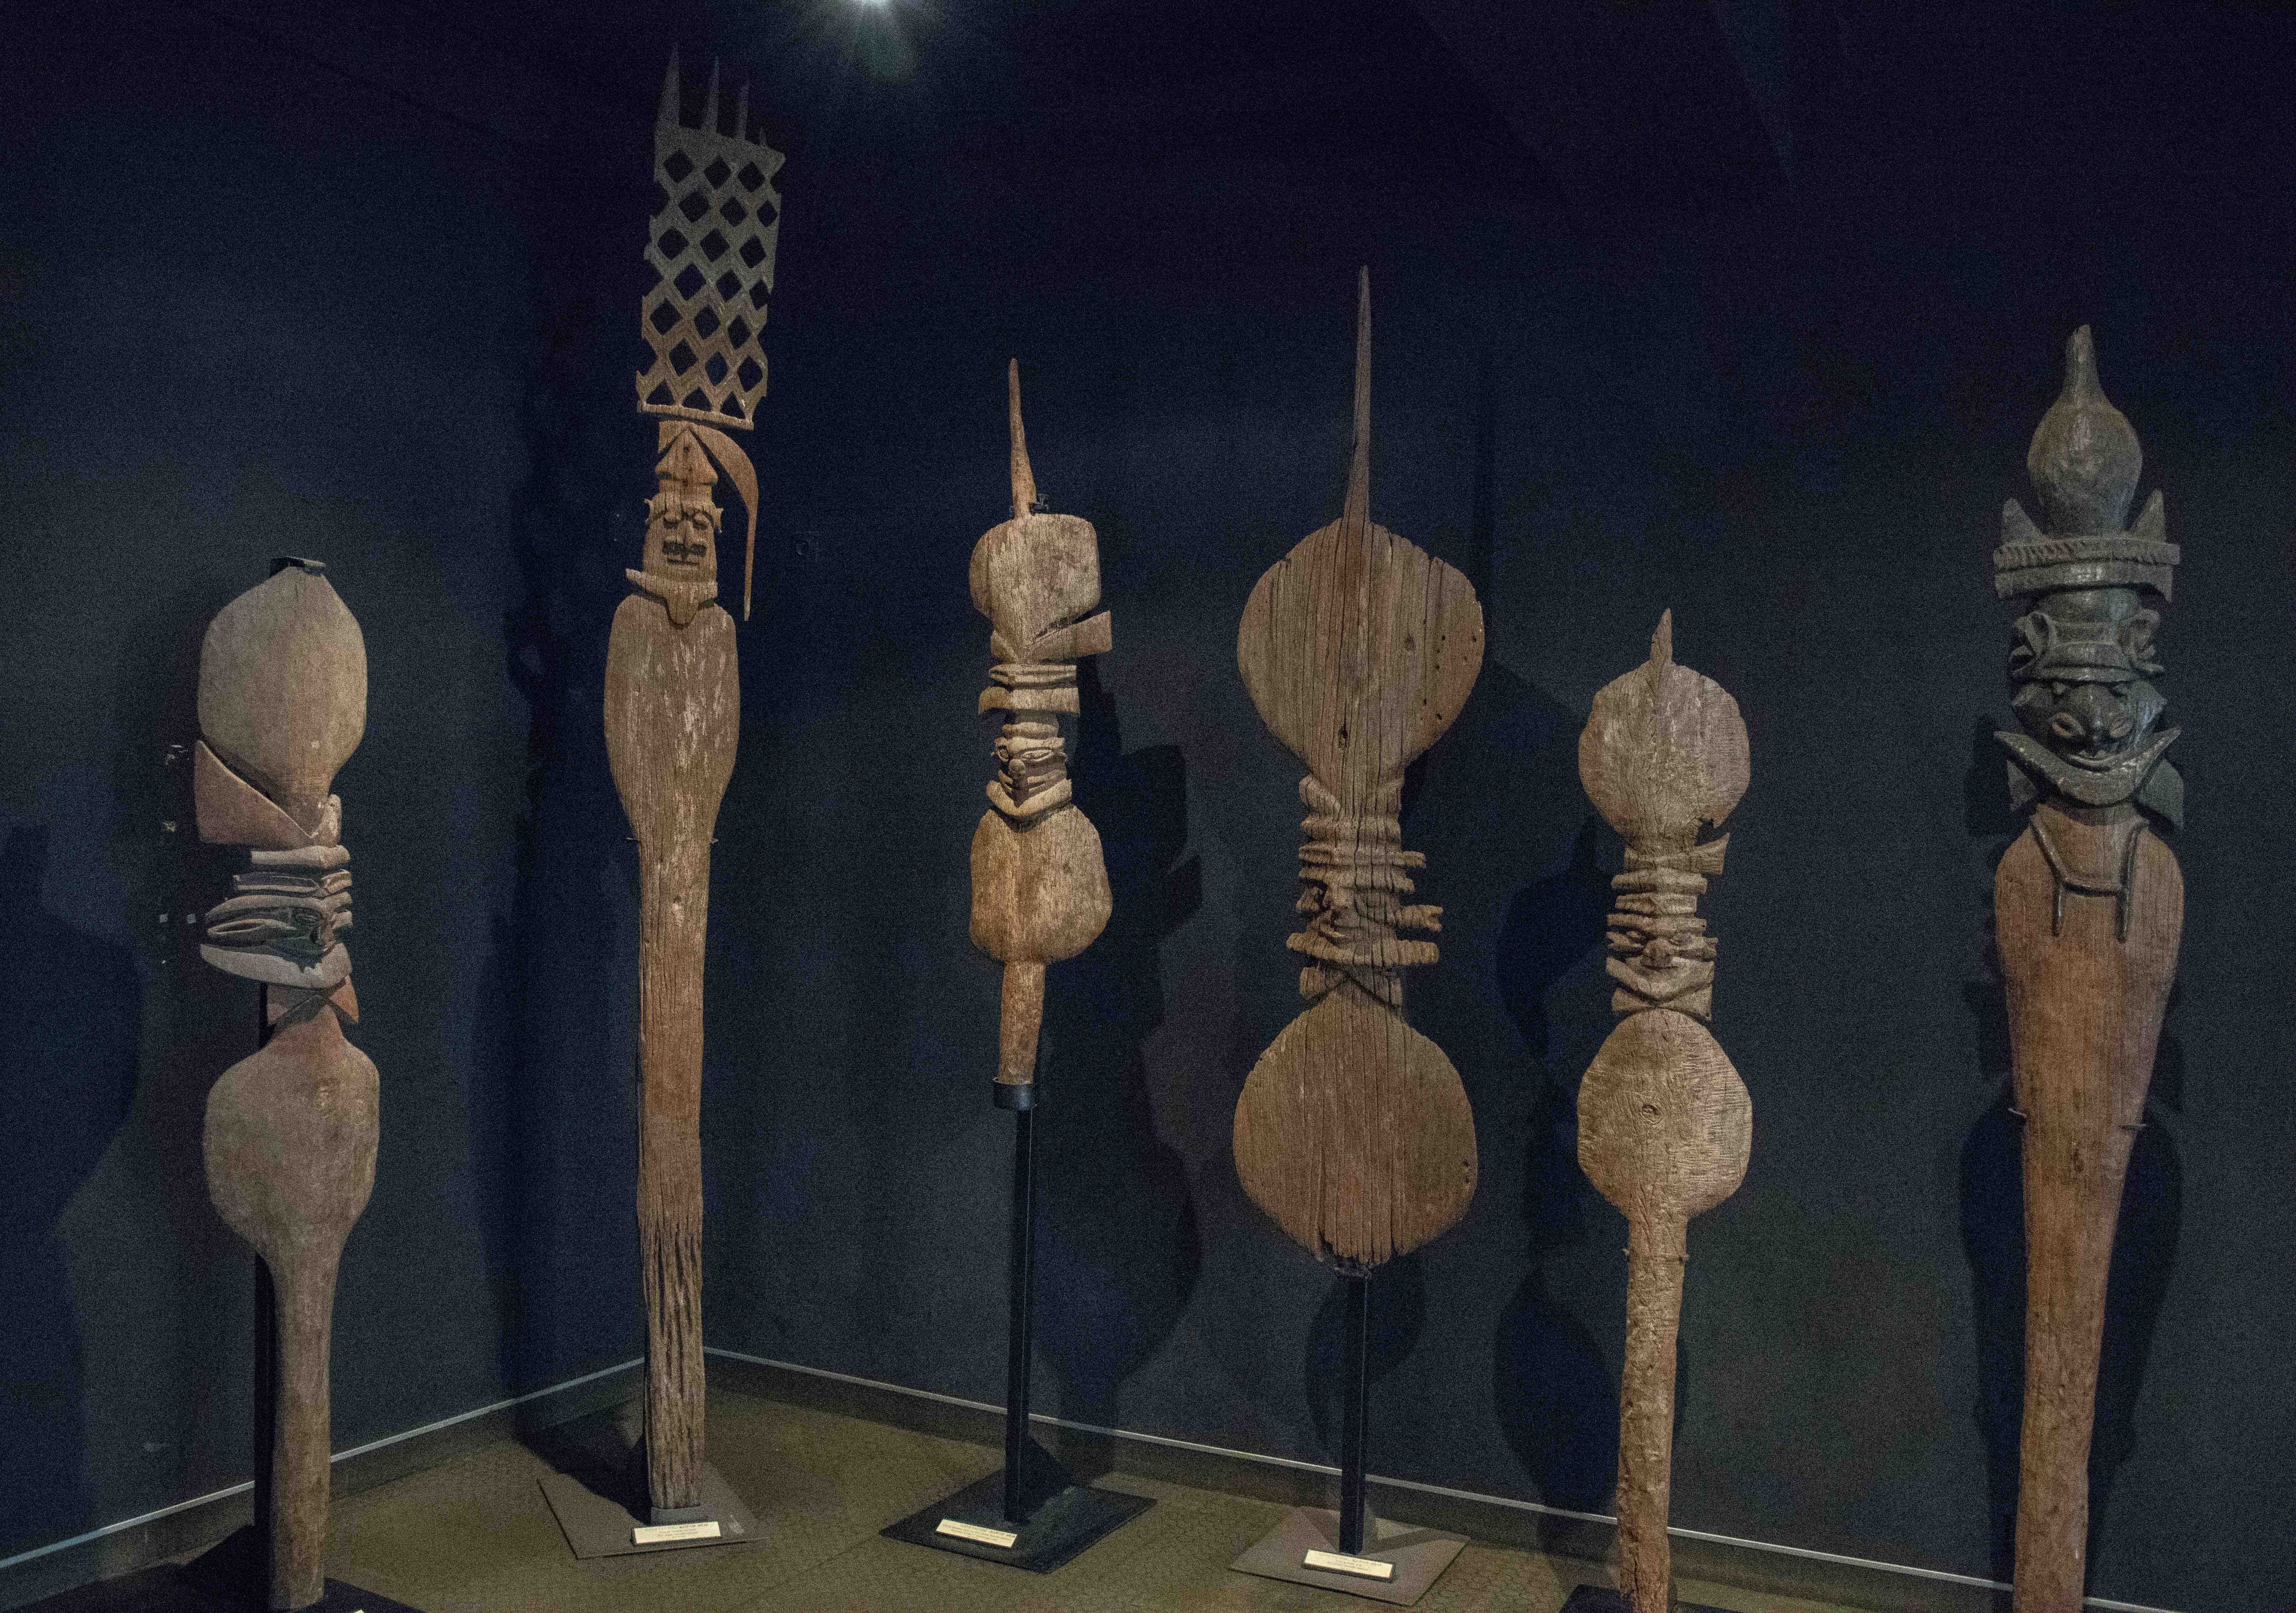 Musée Nouvelle Caledonie DSC_3924 small